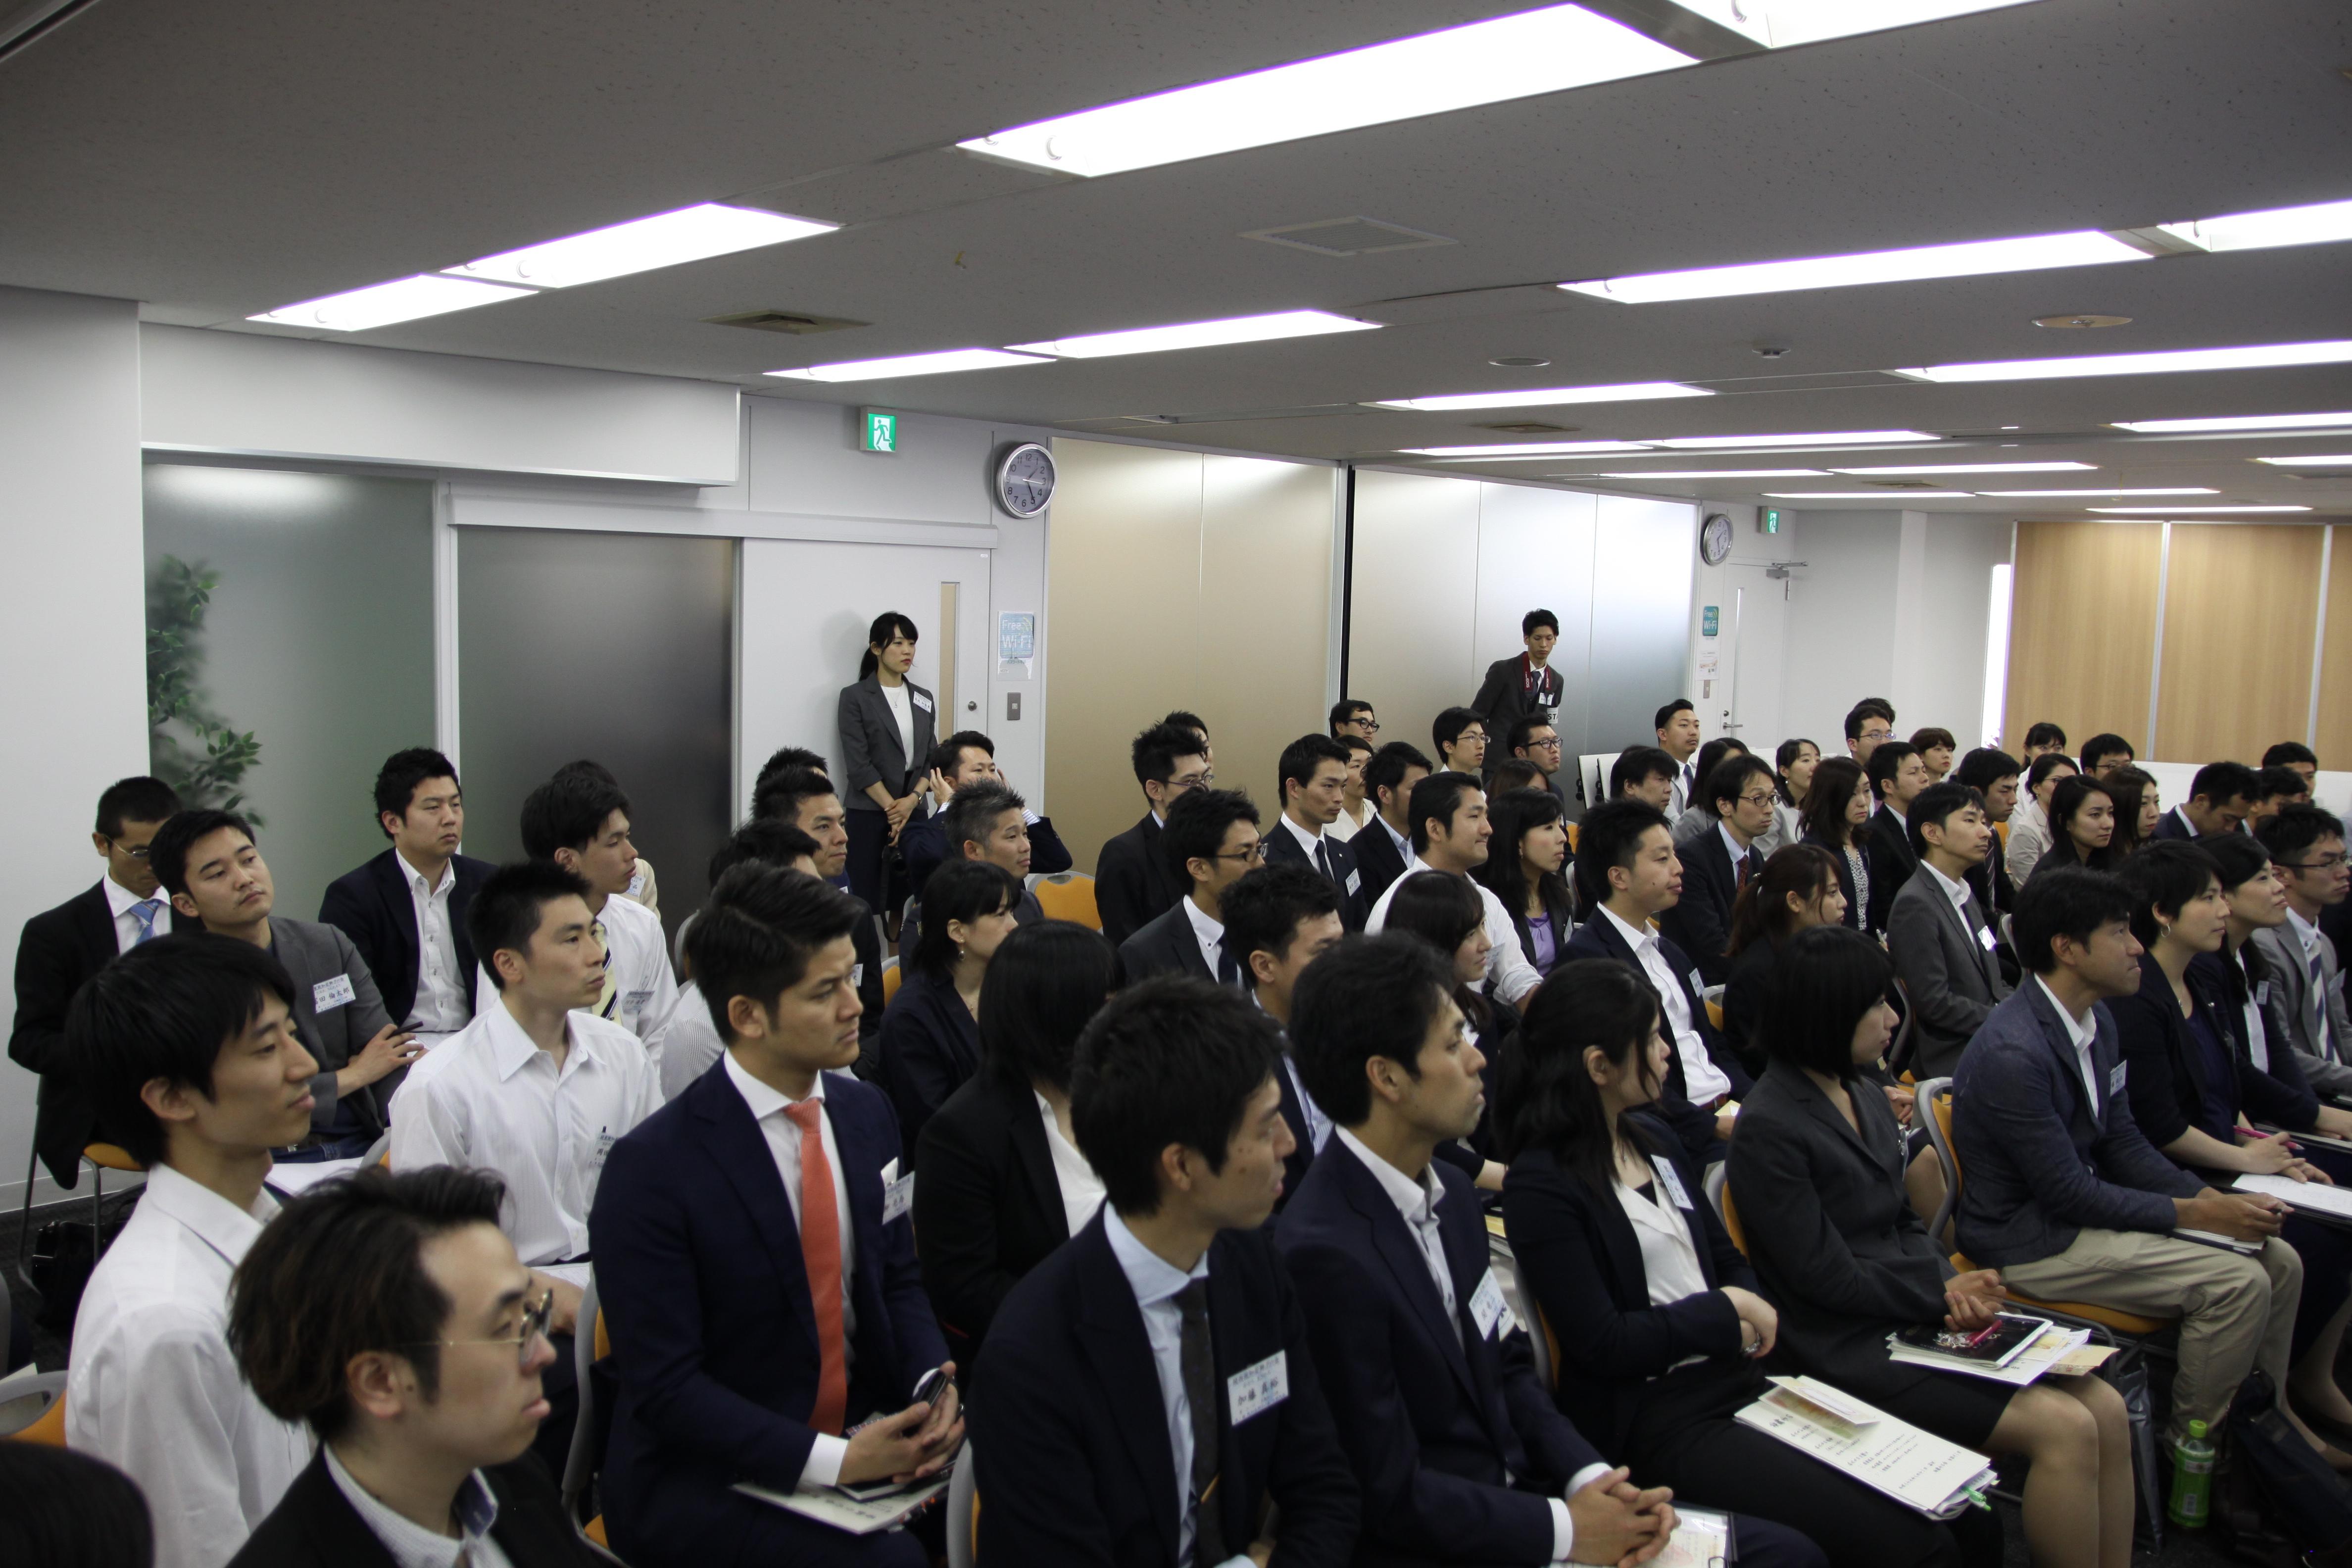 IMG 4696 - 関東若獅子の会、記念すべき第100回